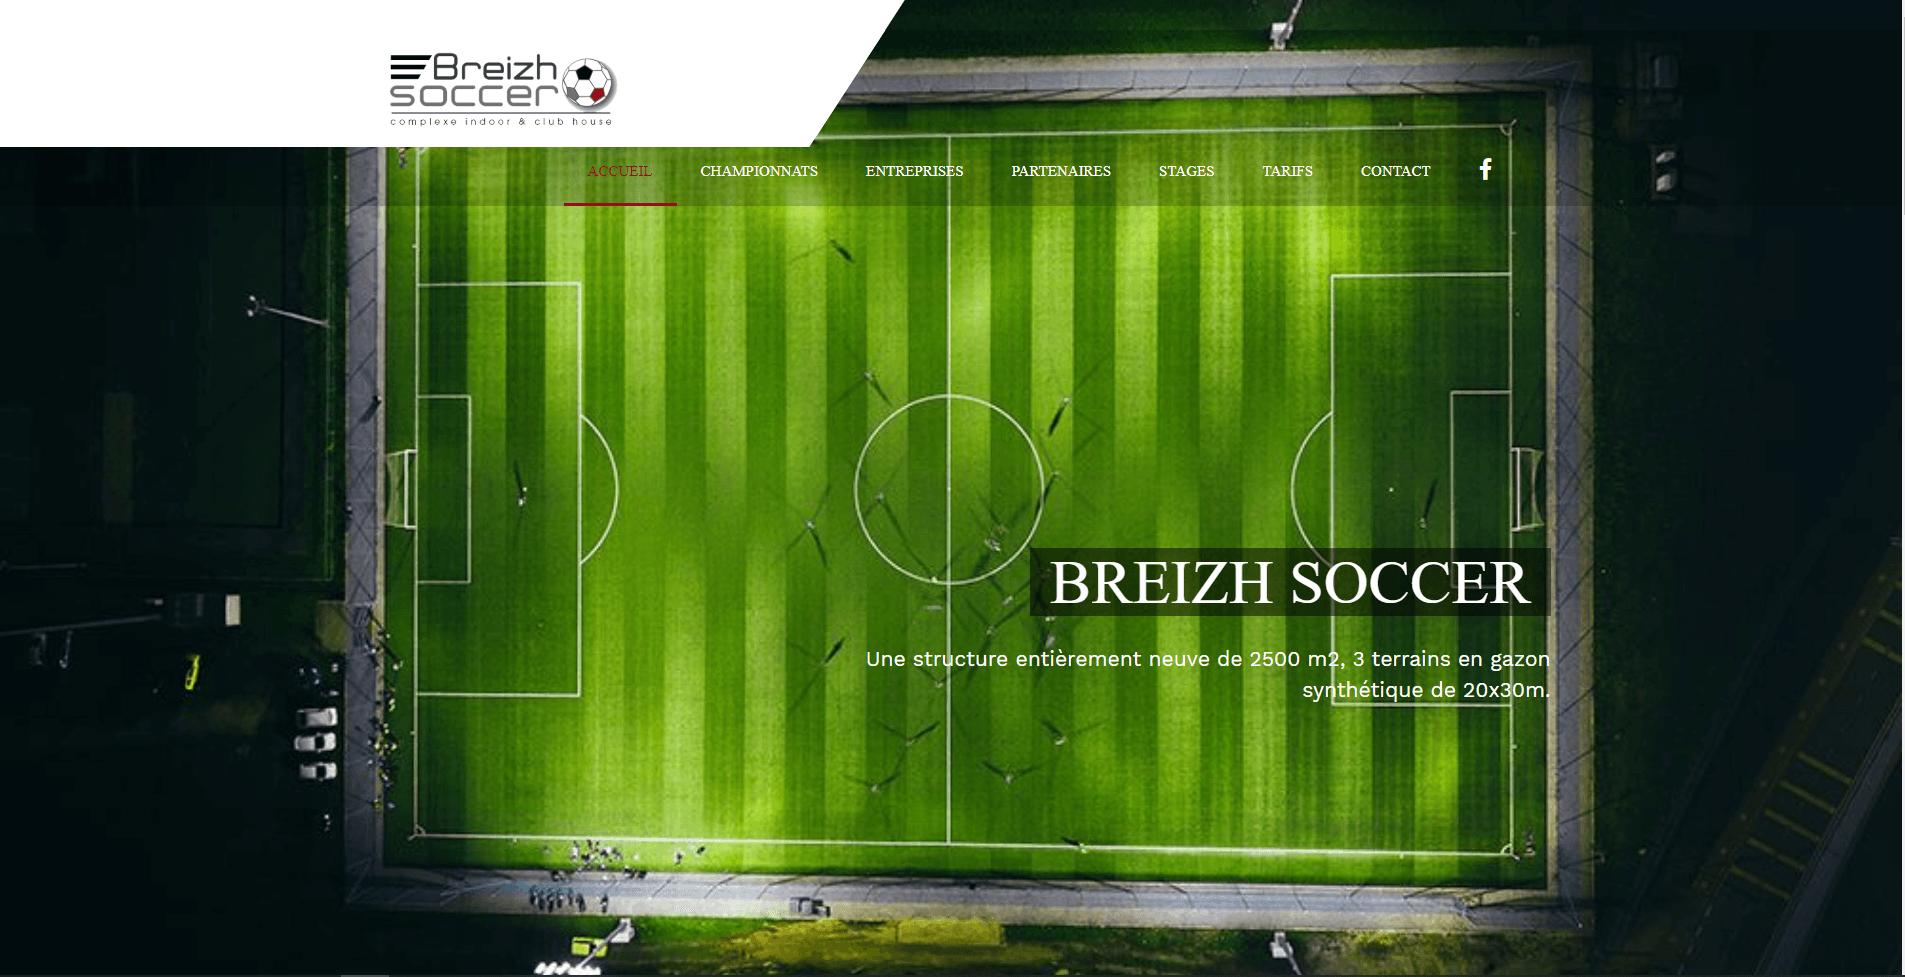 Breizh Soccer